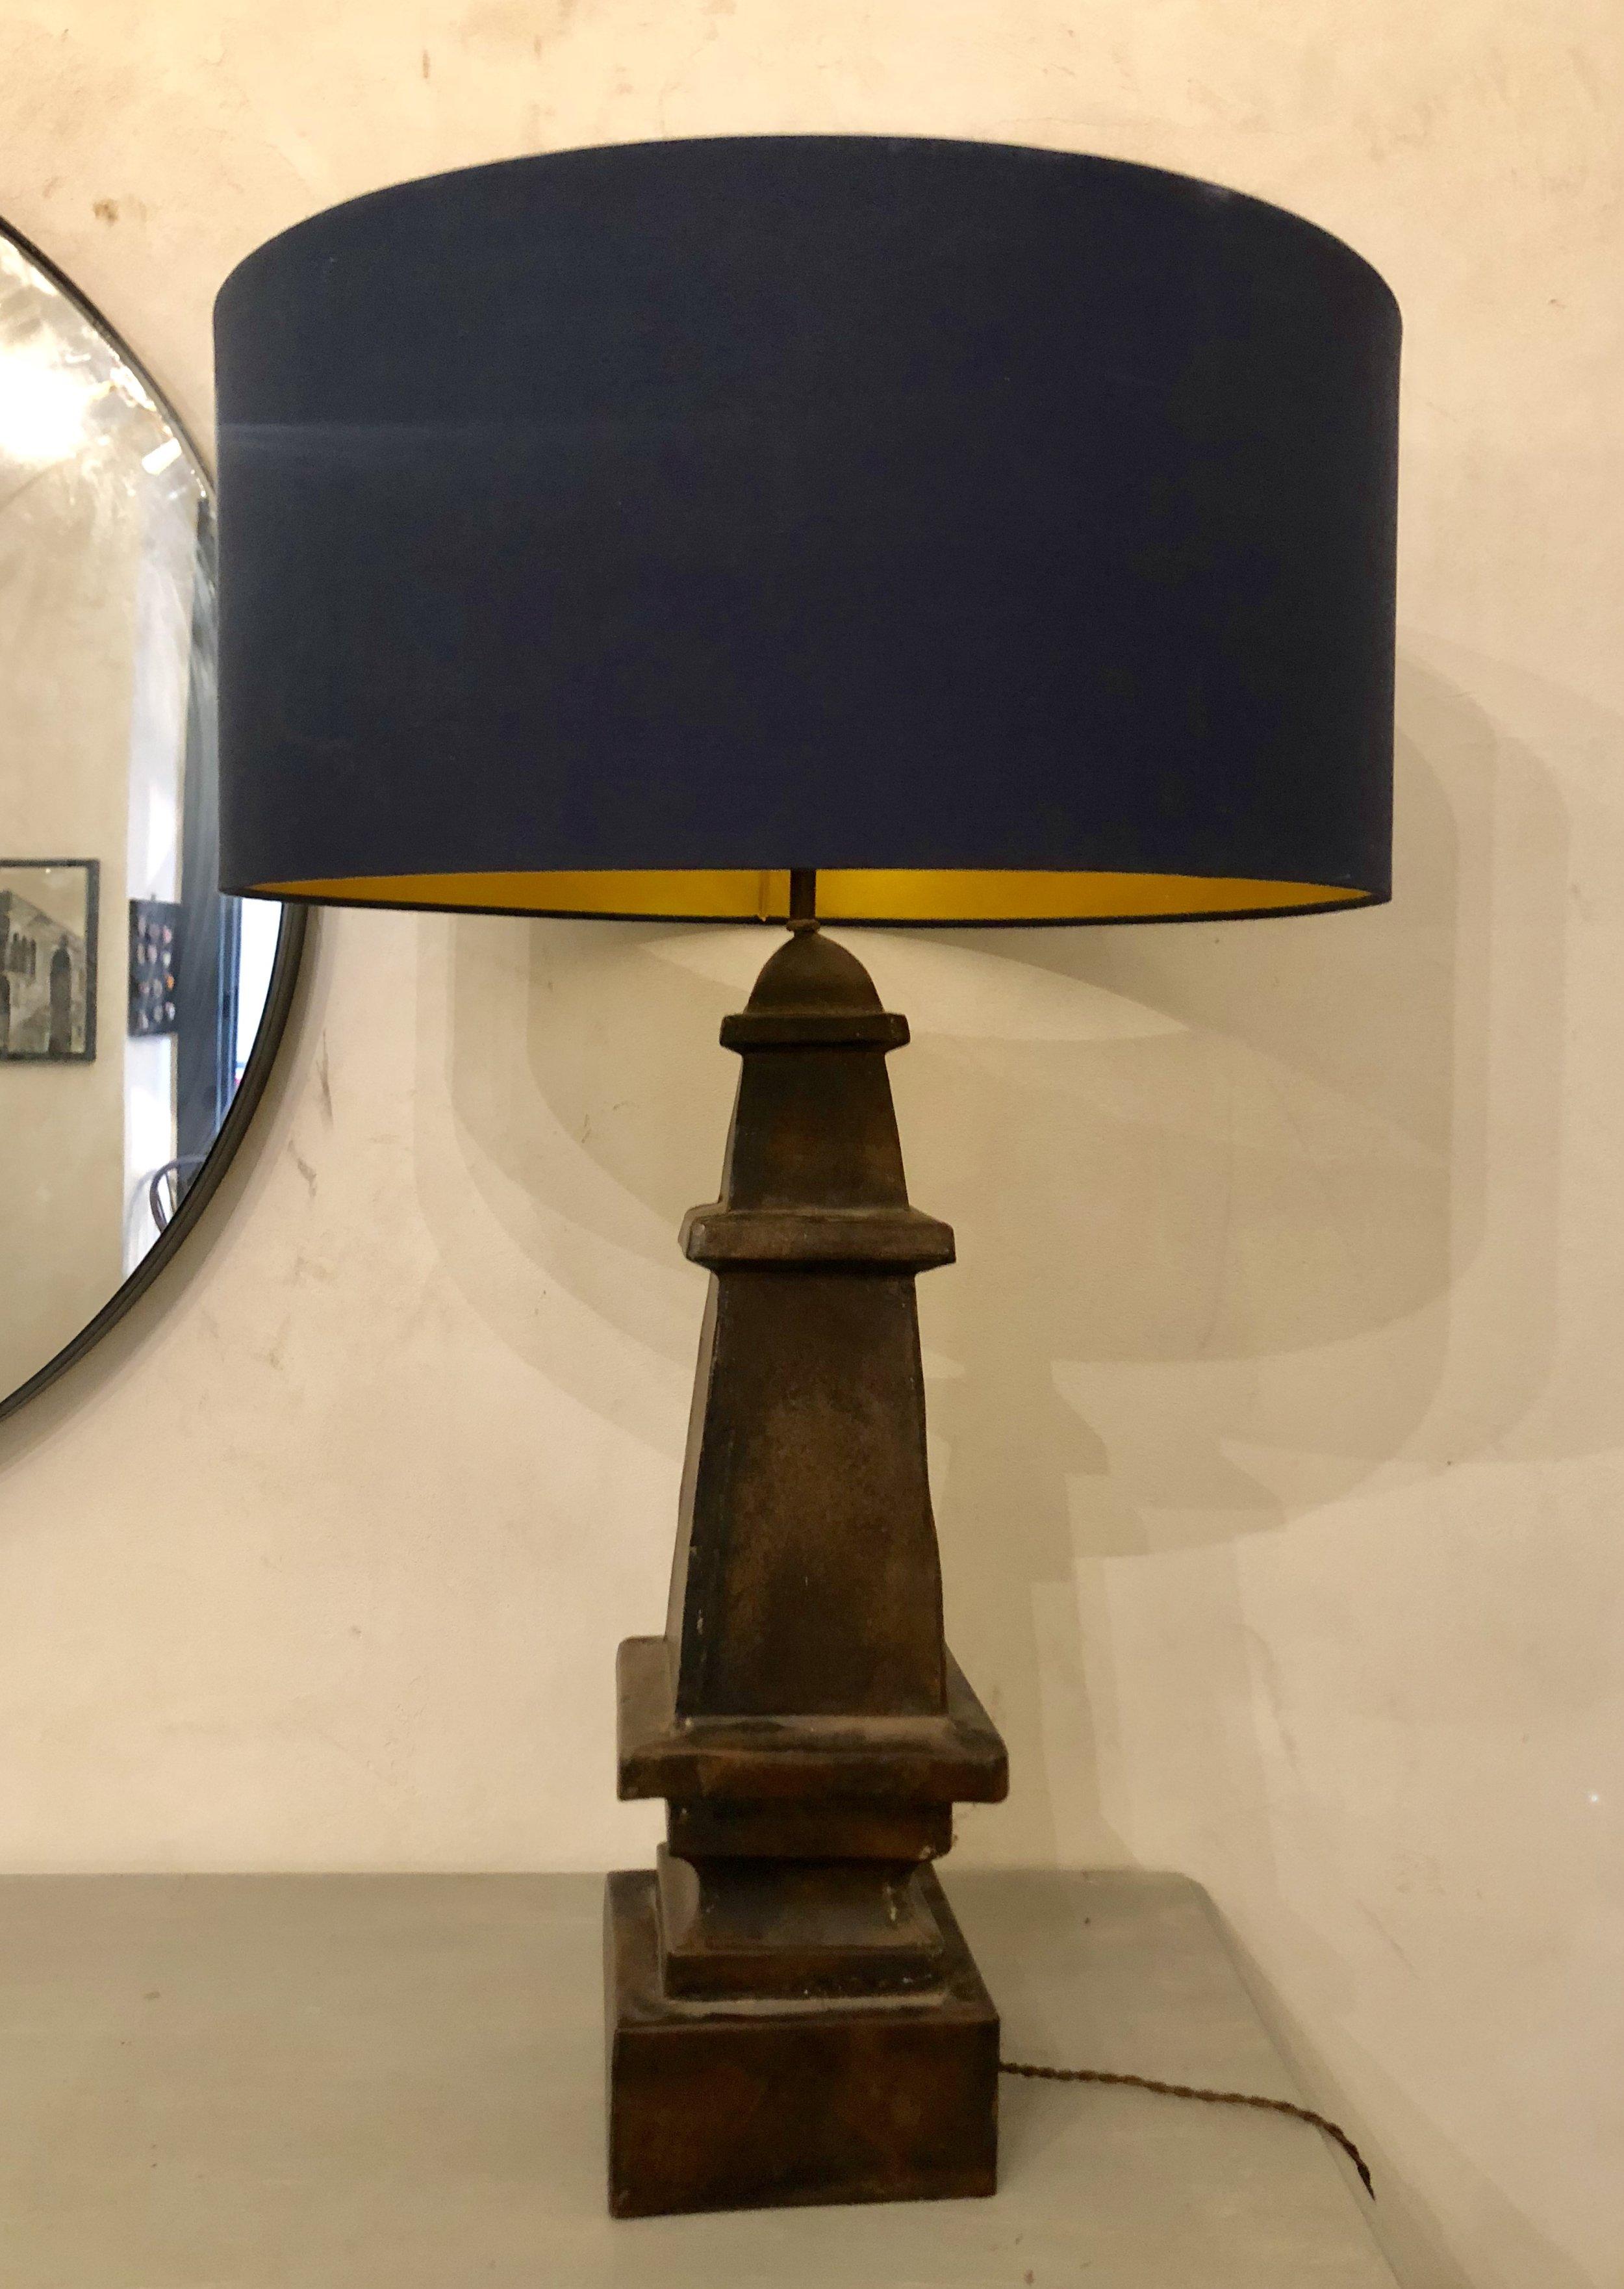 COPPIA DI LAMPADE RICAVATE DA ANTICHI OBELISCHI IN FERRO